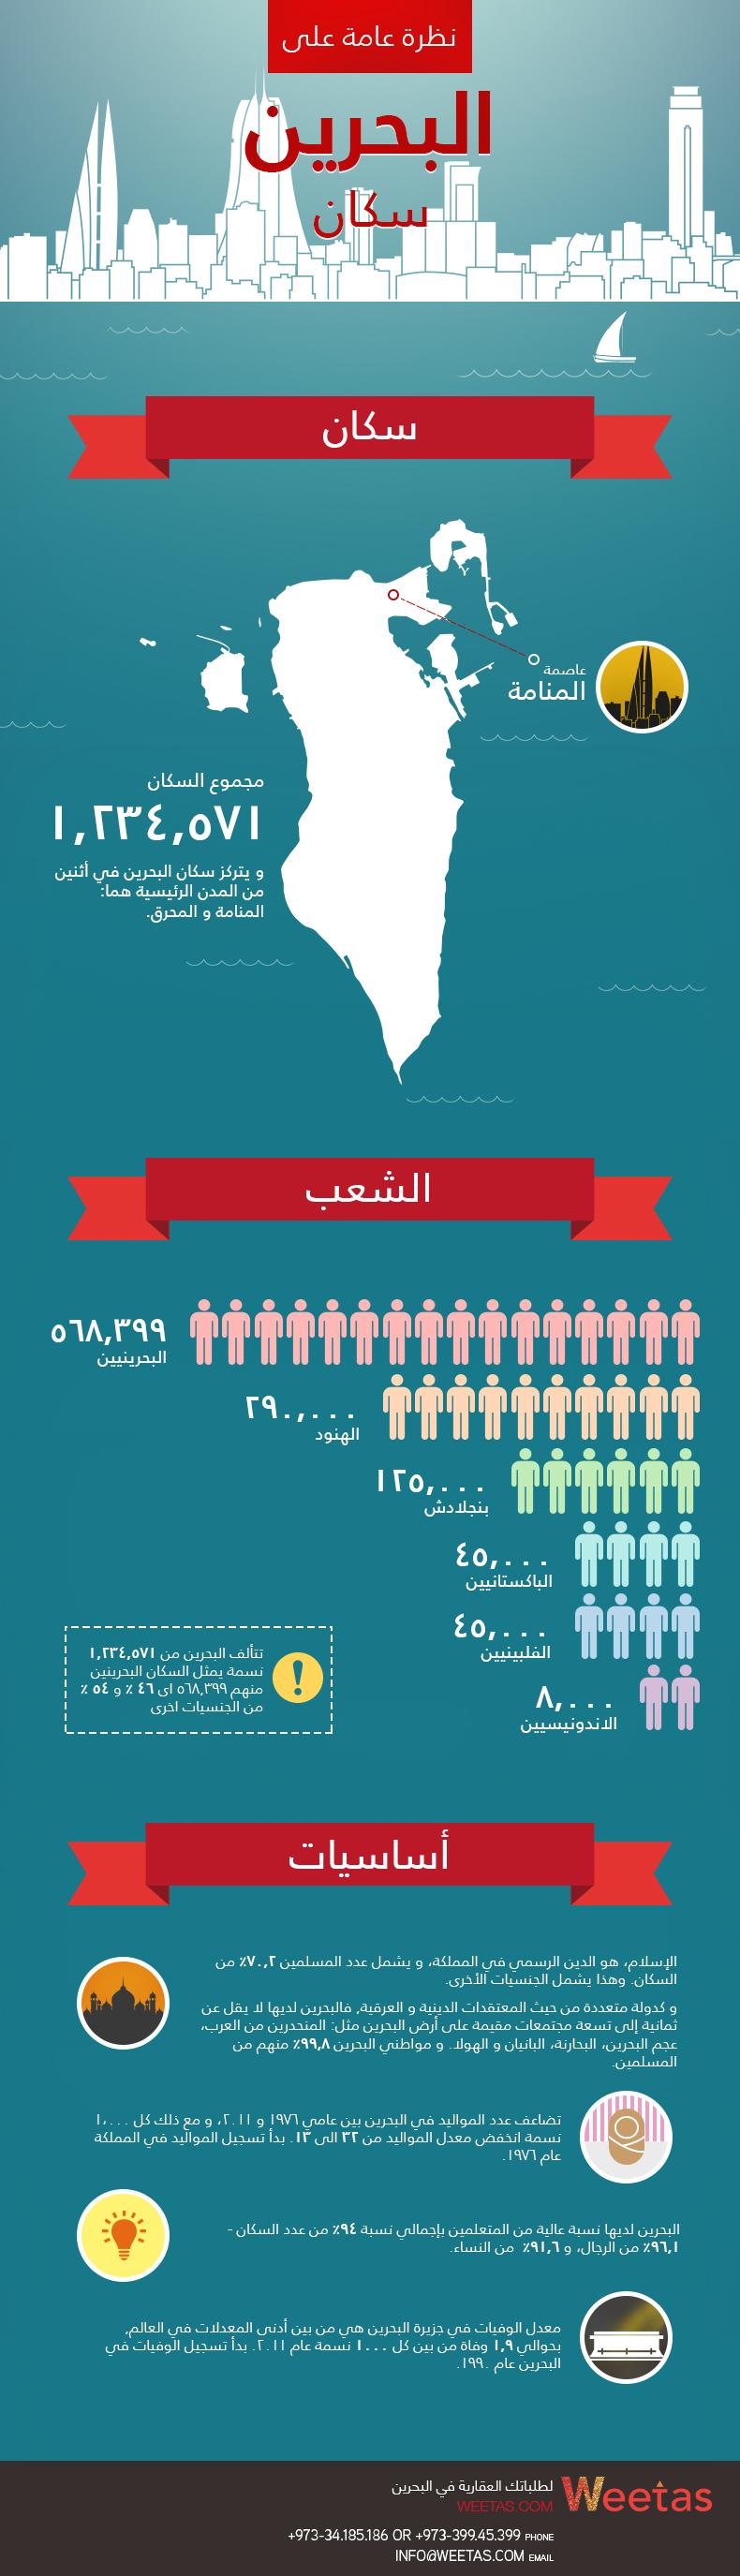 نظرة عامة على سكان البحرين مدونة ويتاس Infographic Bahrain Map